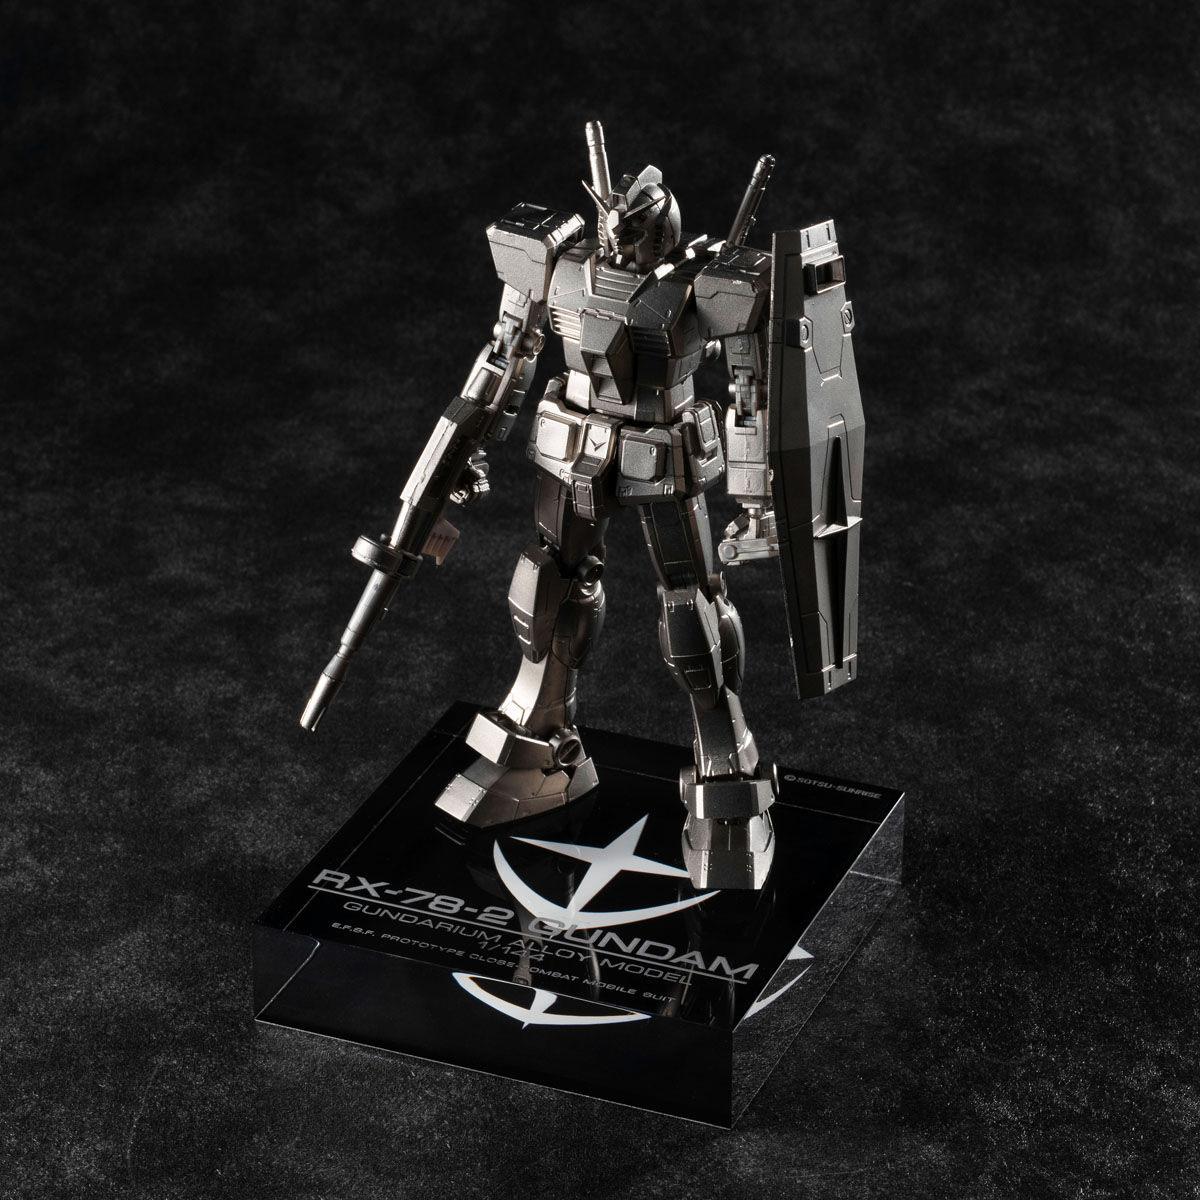 【限定販売】【再販】ガンダリウム合金モデル『RX-78-2 ガンダム』1/144 合金モデル-006